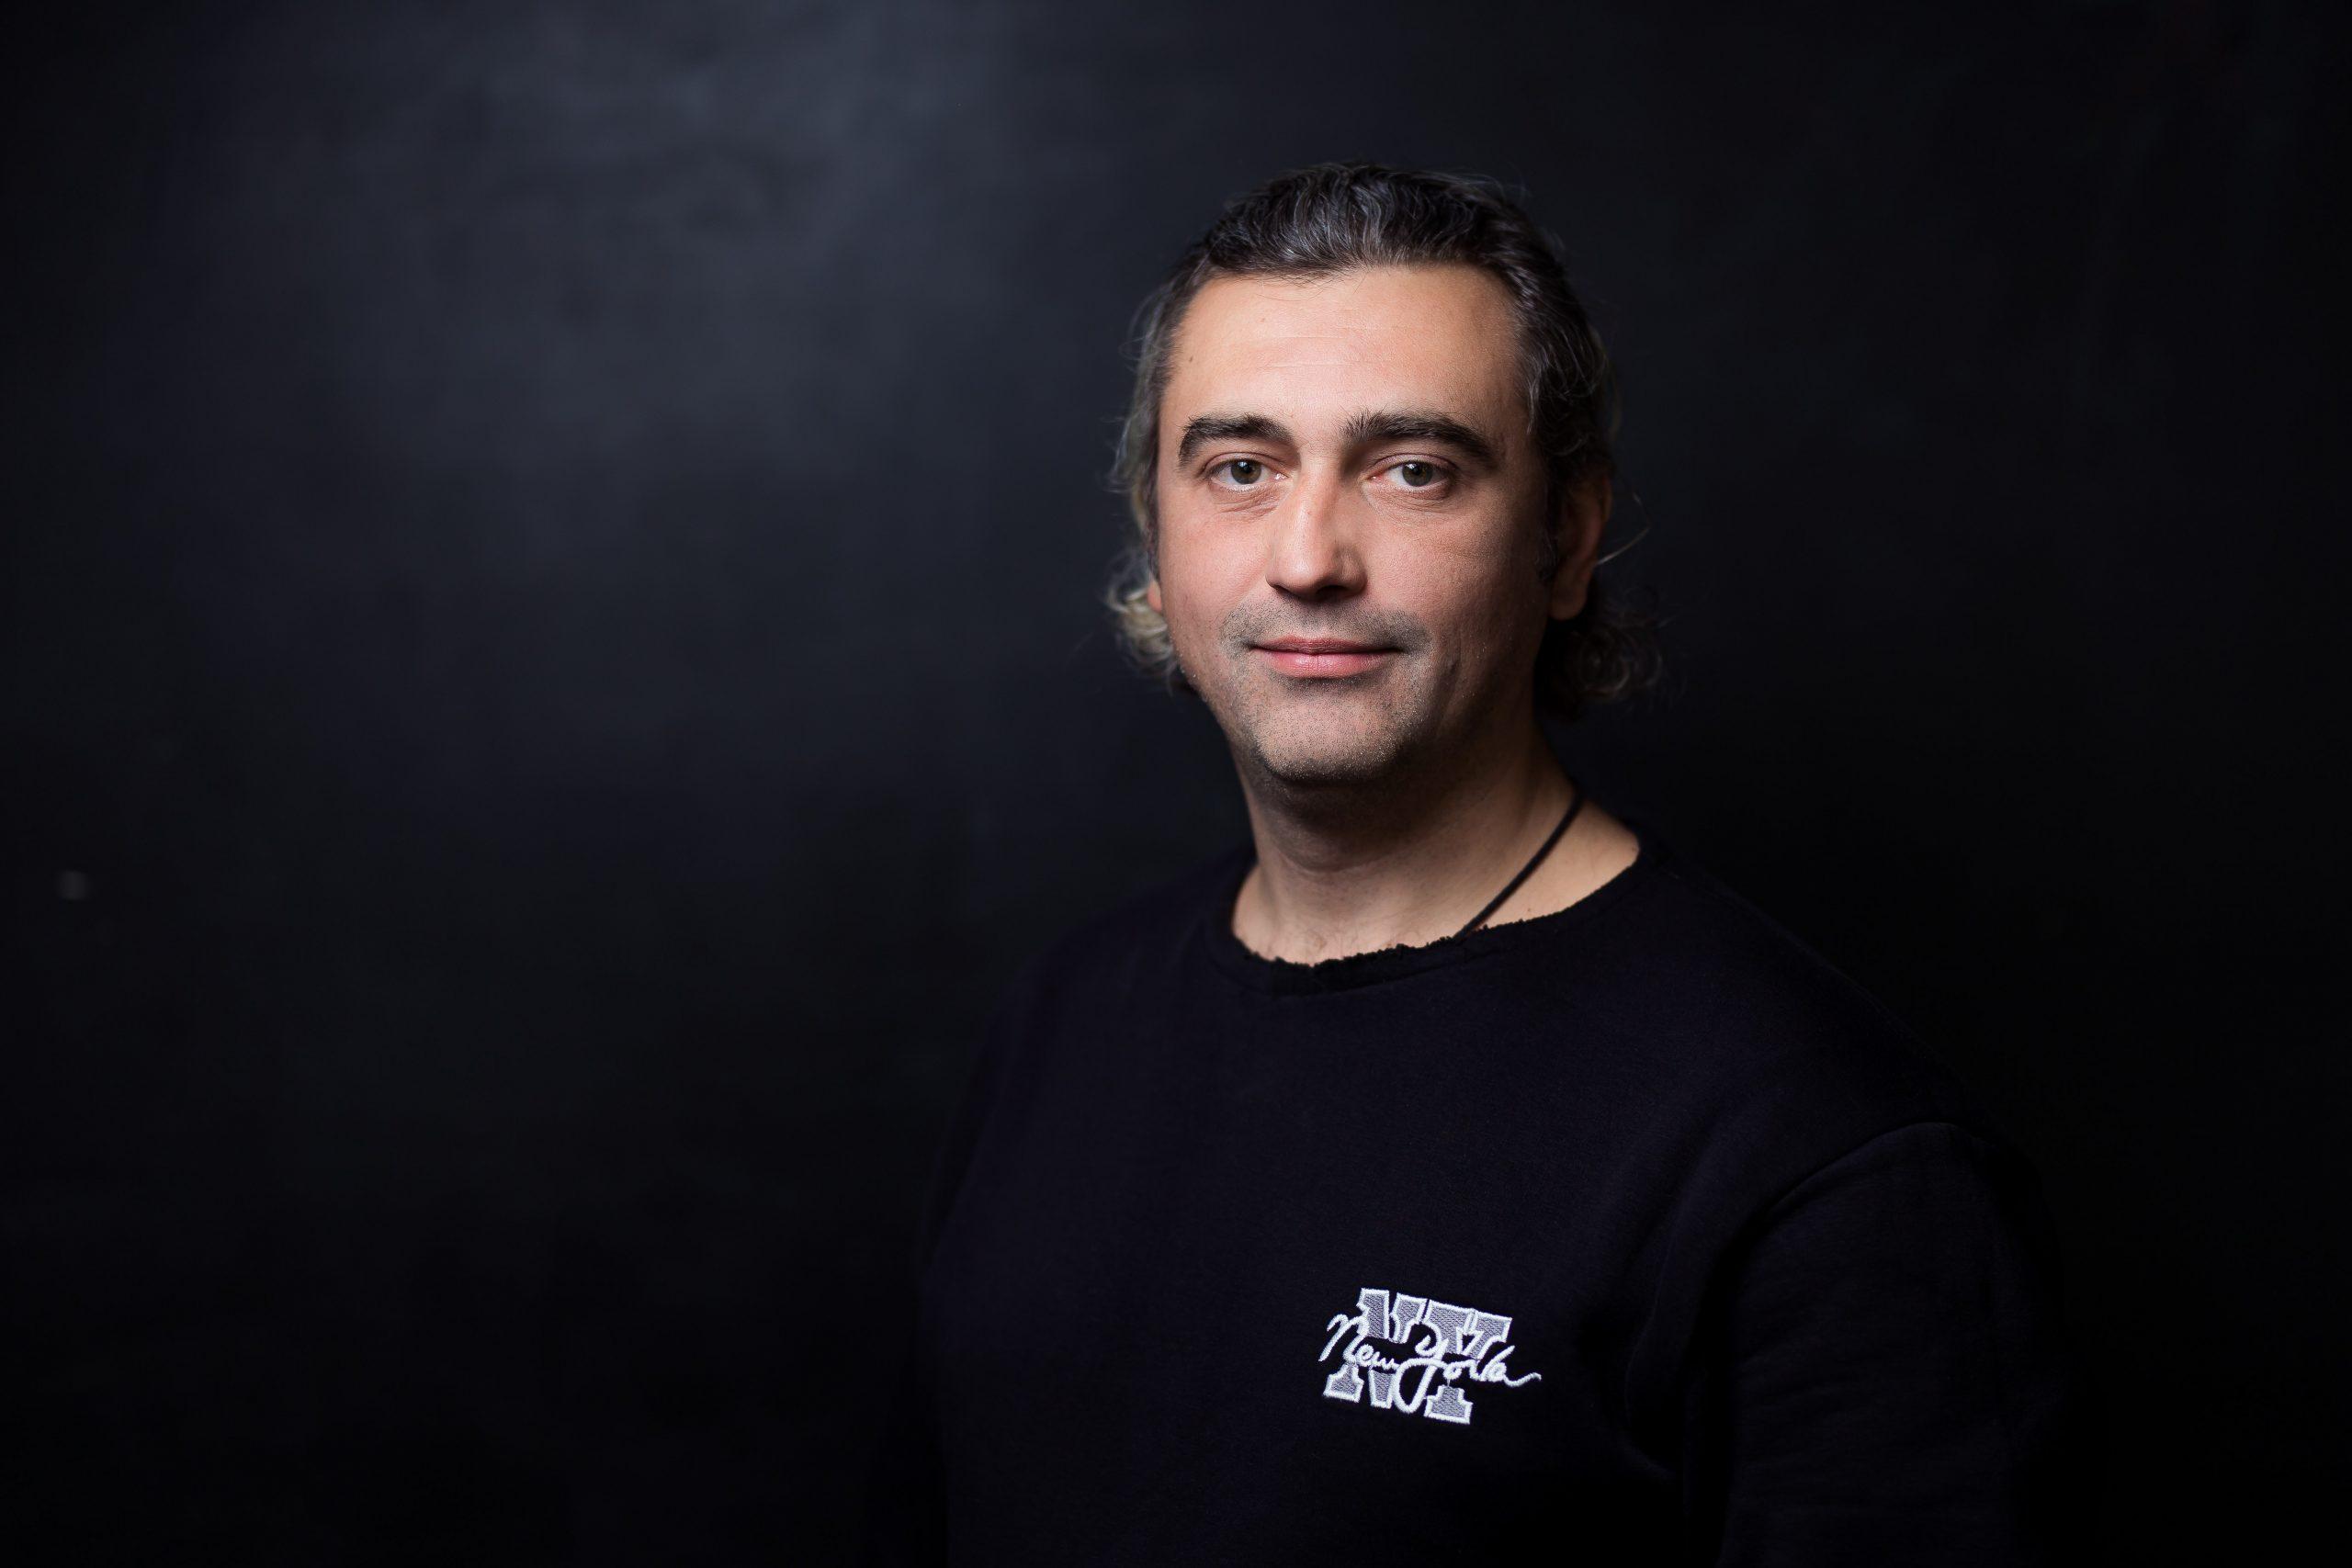 Роман Курочкин, основатель архитектурного бюро, 38 лет